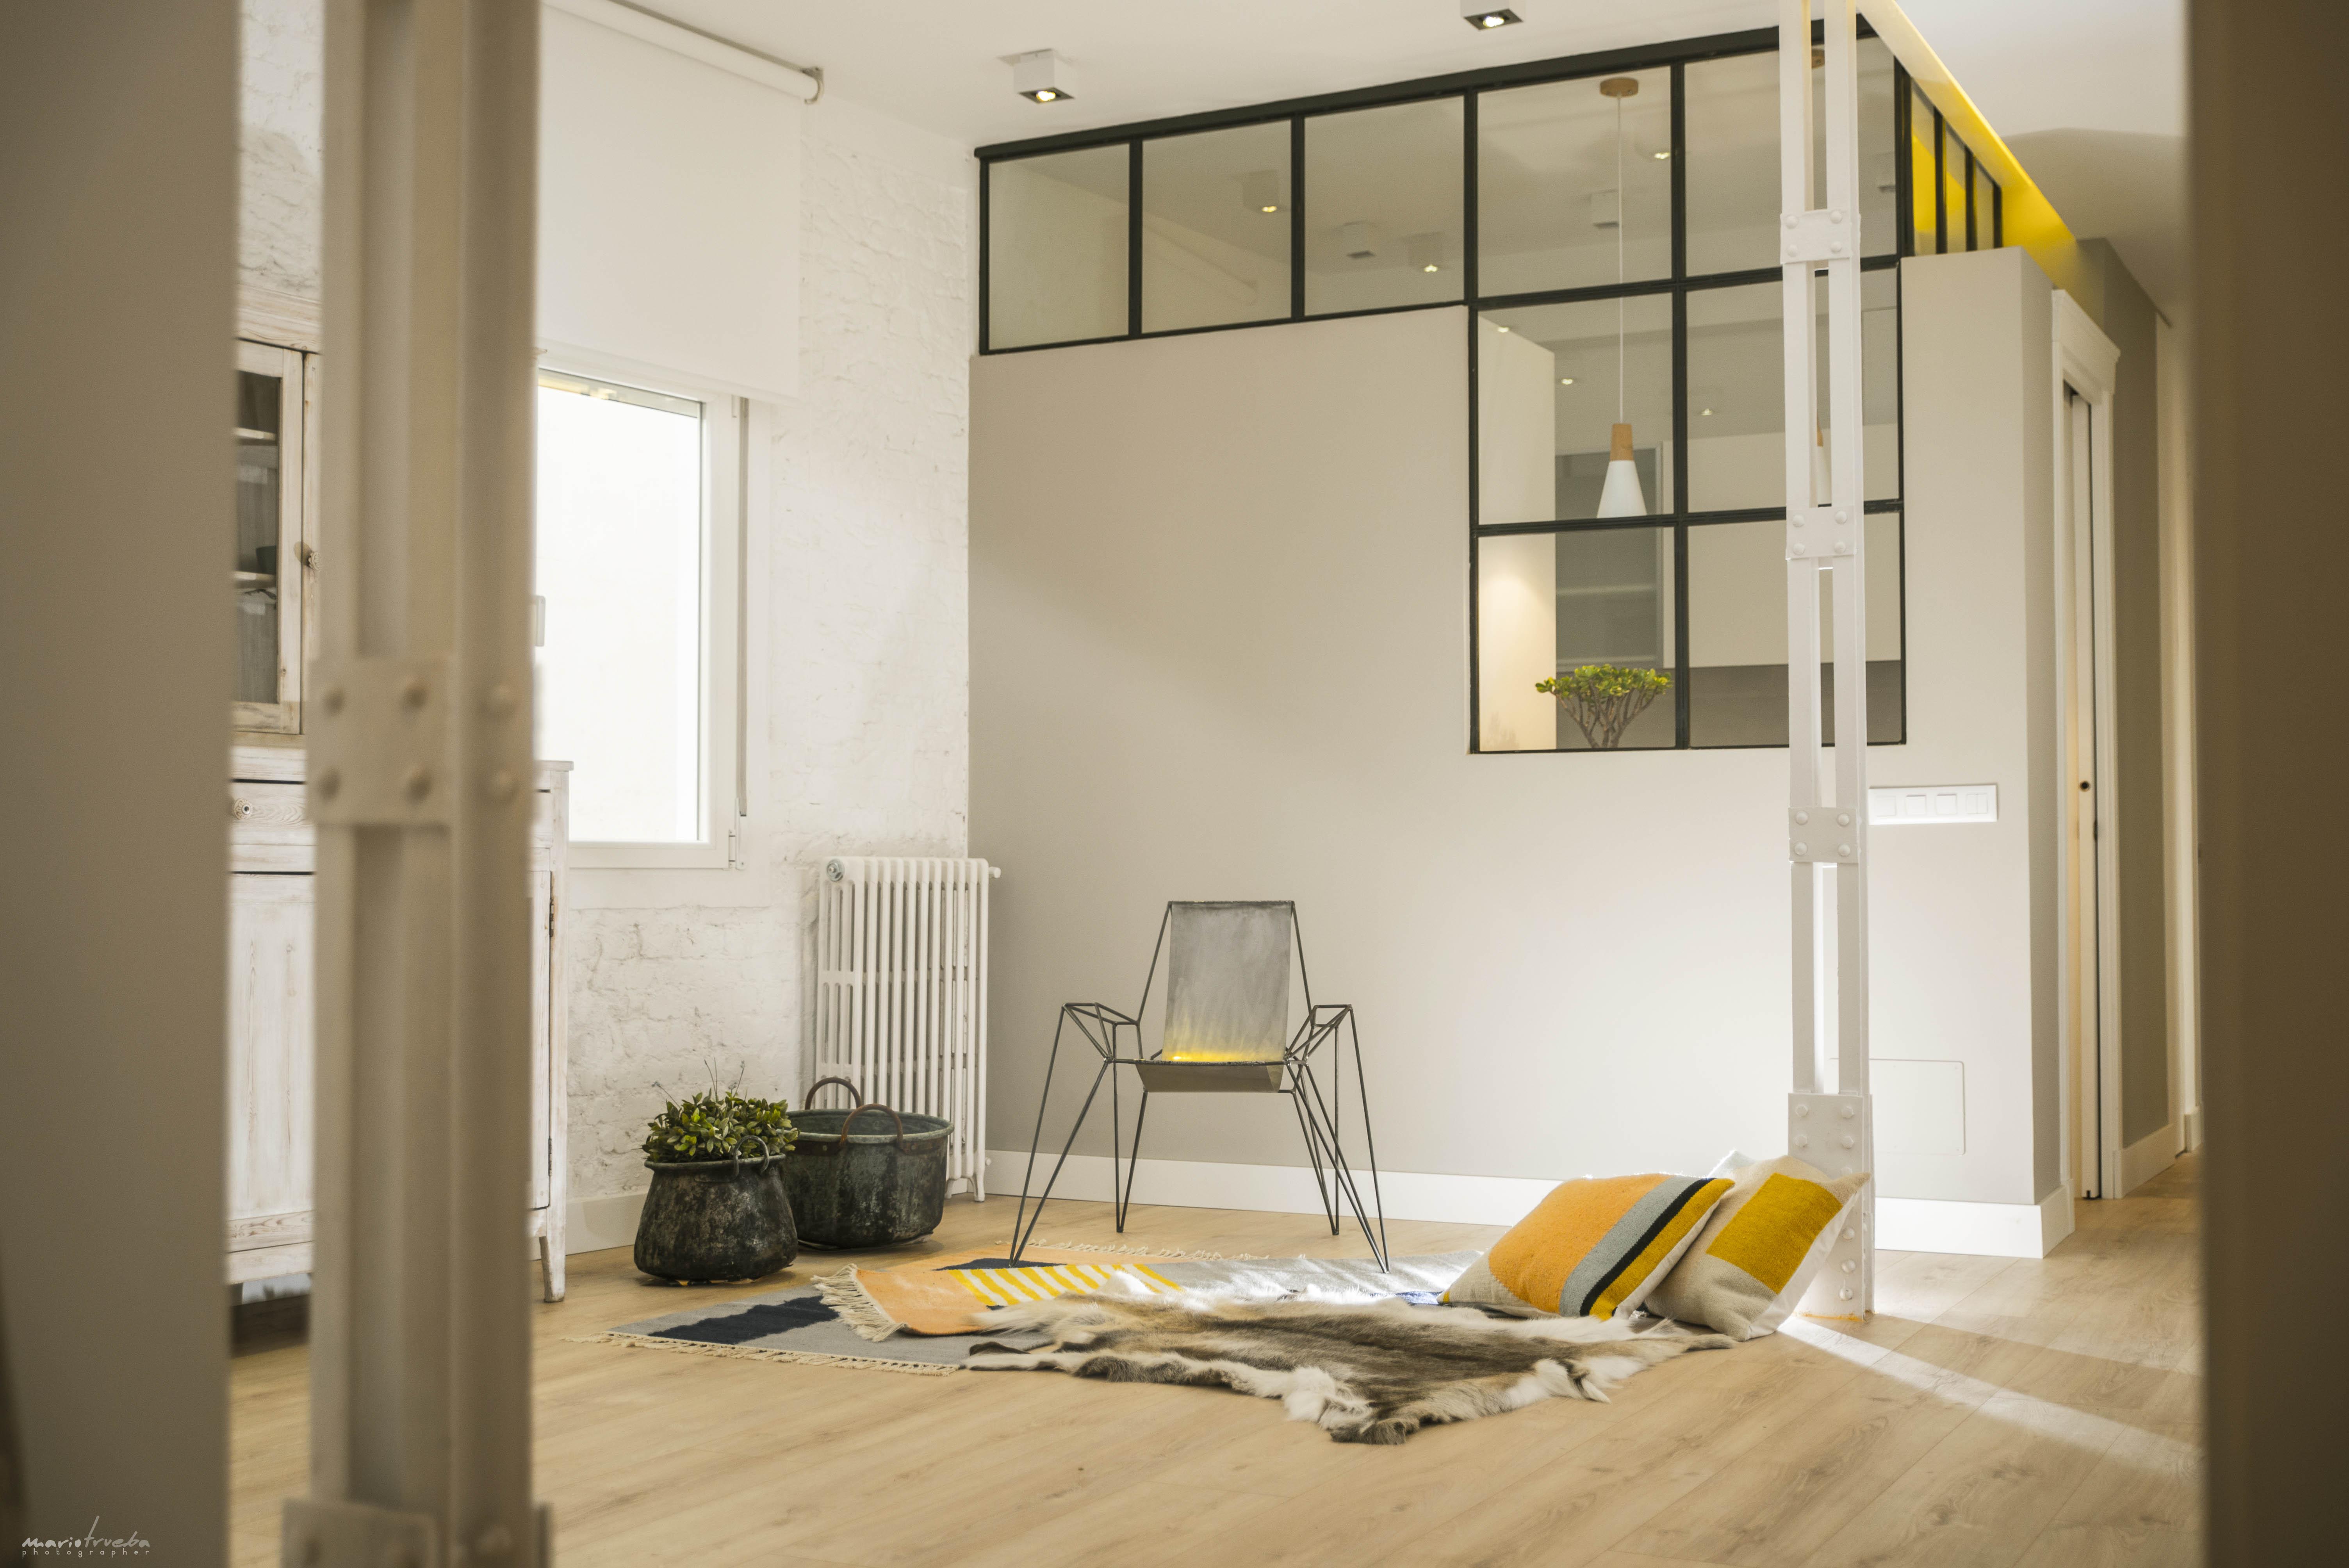 Cuanto cuesta una reforma integral de un piso latest for Cuanto cuesta reformar un piso de 100m2